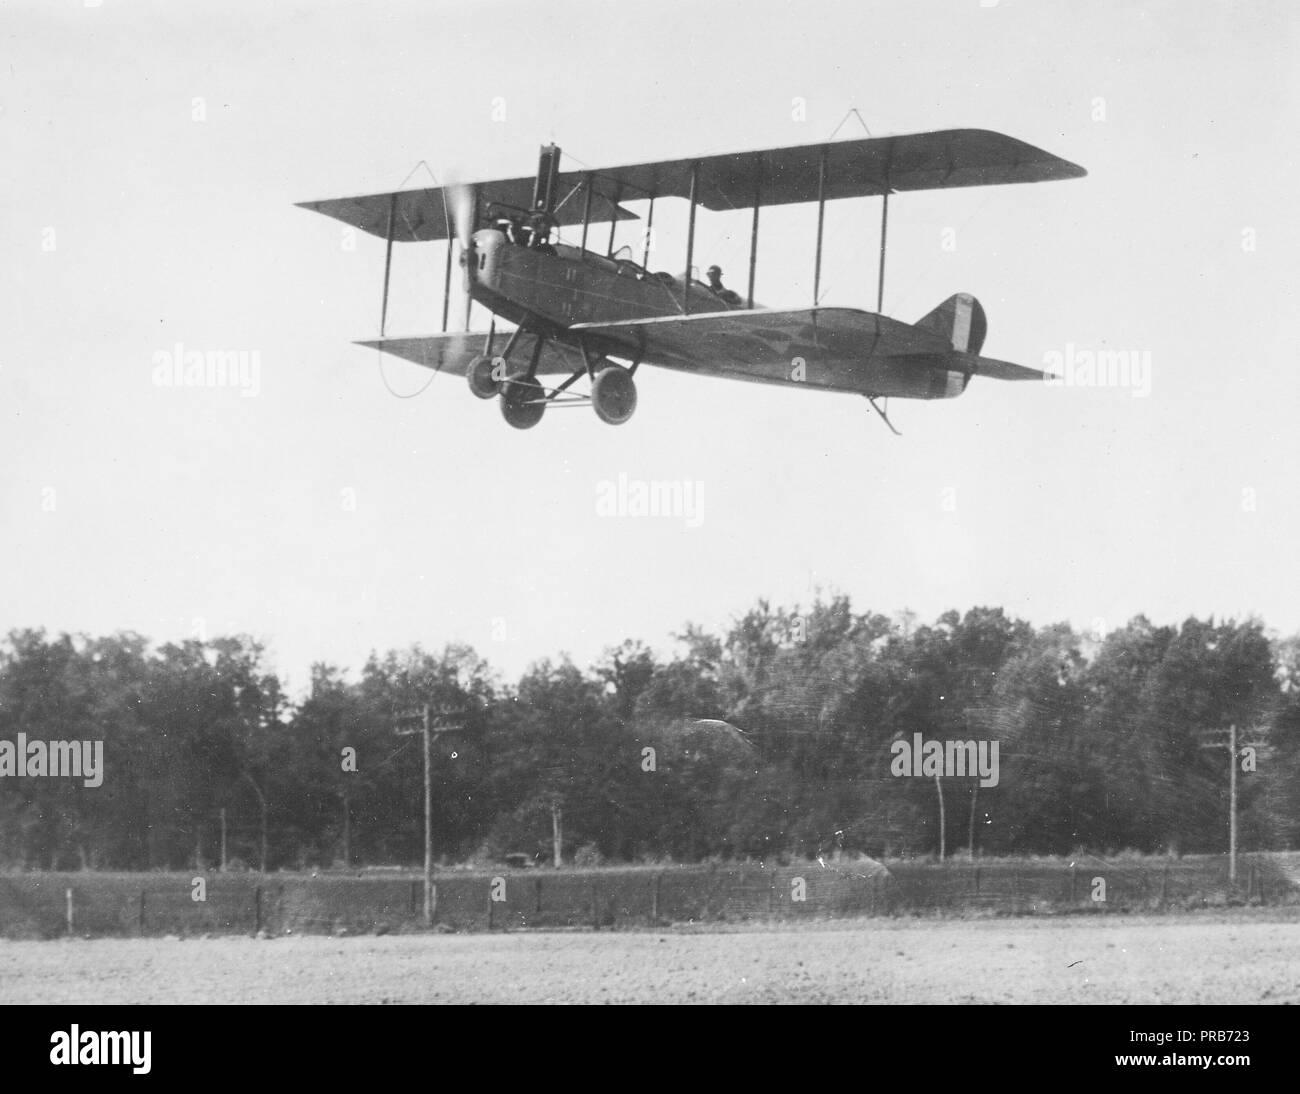 Halterung Airport- Able Vintage Große Rp Airplane Frühe Luft Reisen Biplane